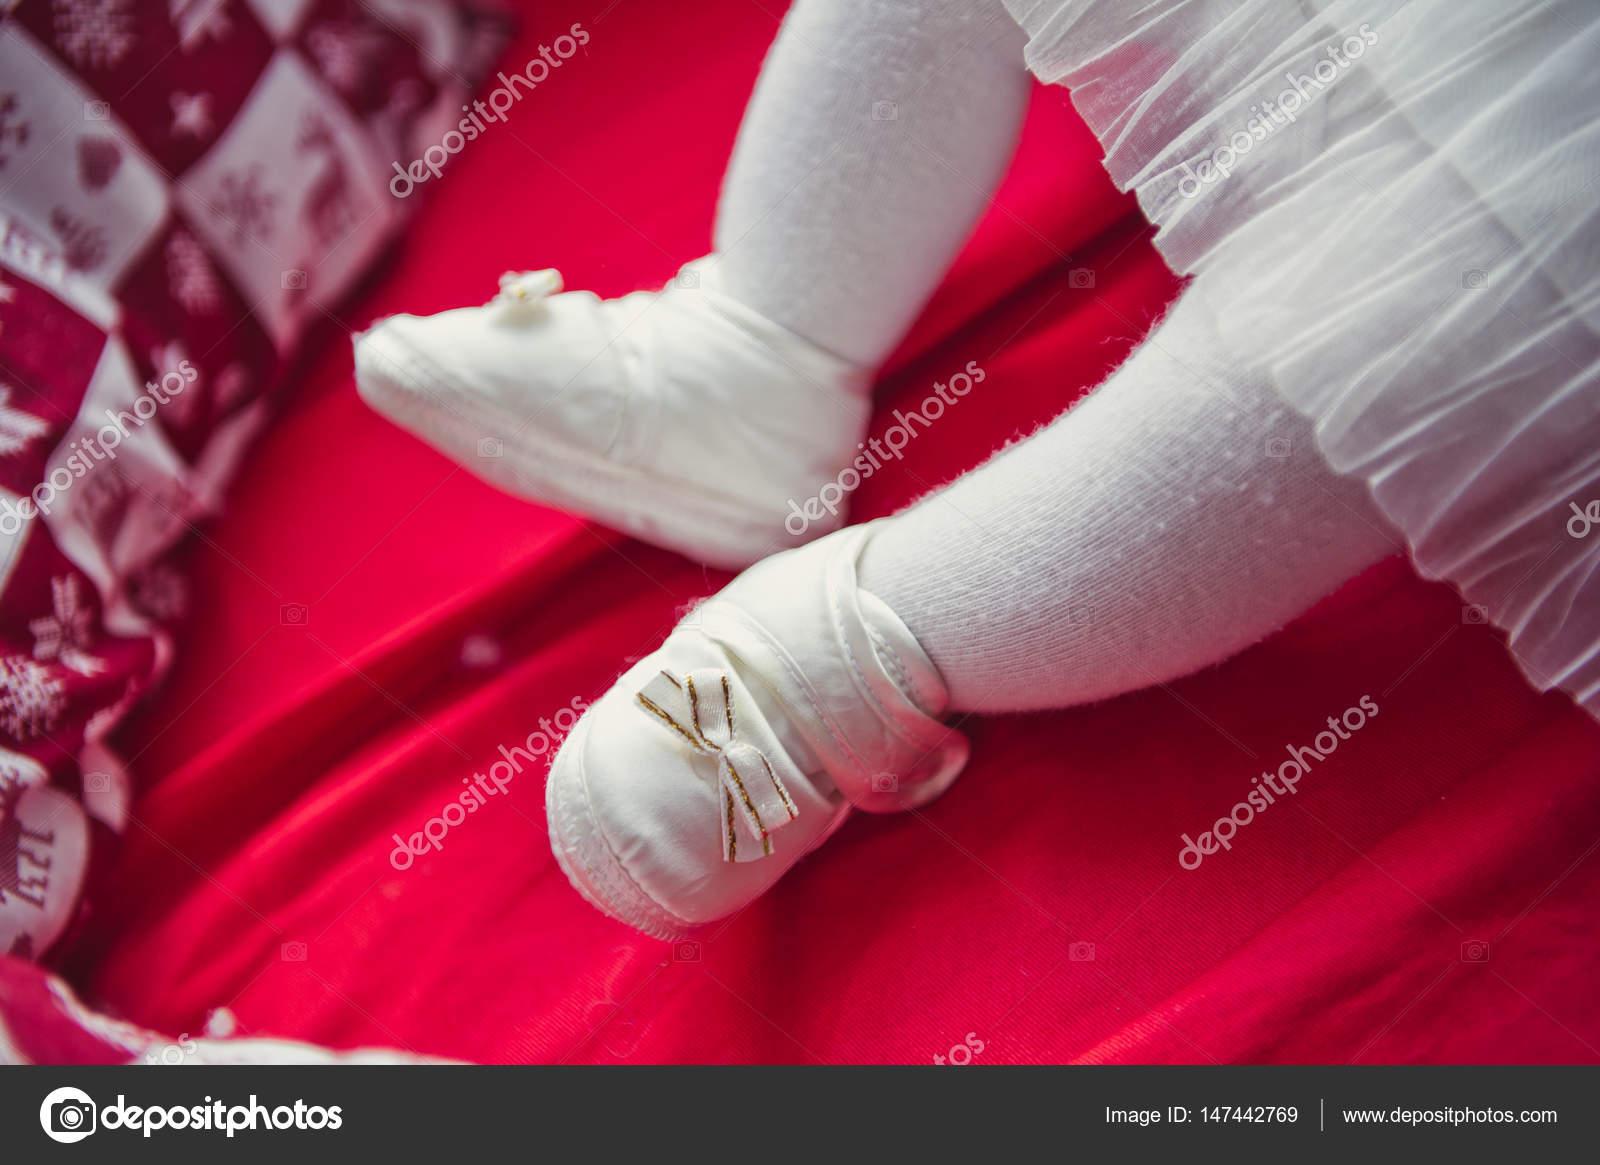 molodimi-seks-foto-gryaznie-nogi-v-kolgotkah